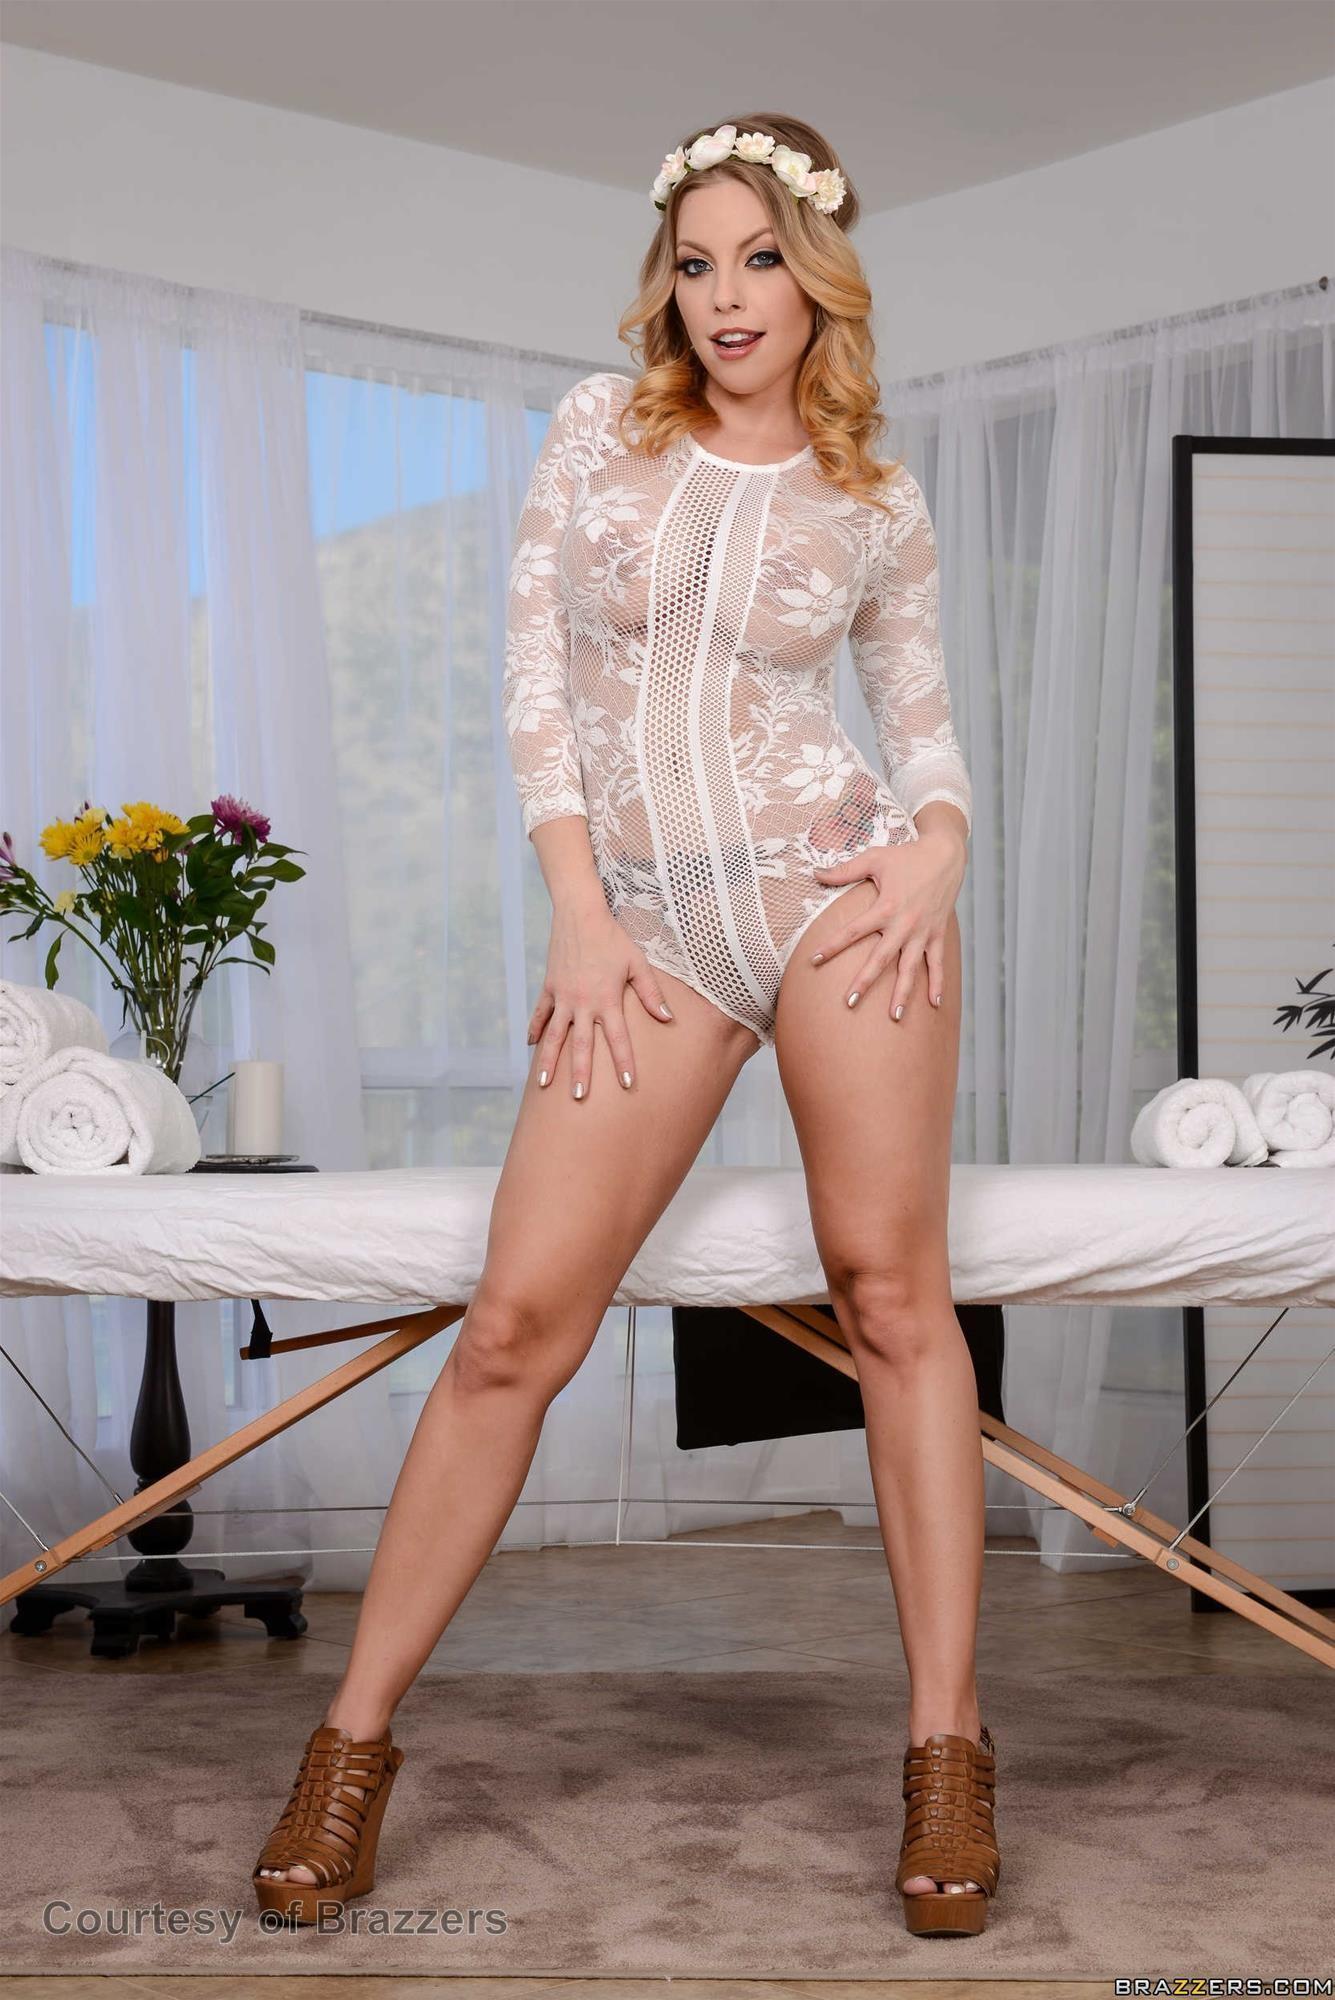 Tania raymonde sex scene quick topless goliath s01 e06 10